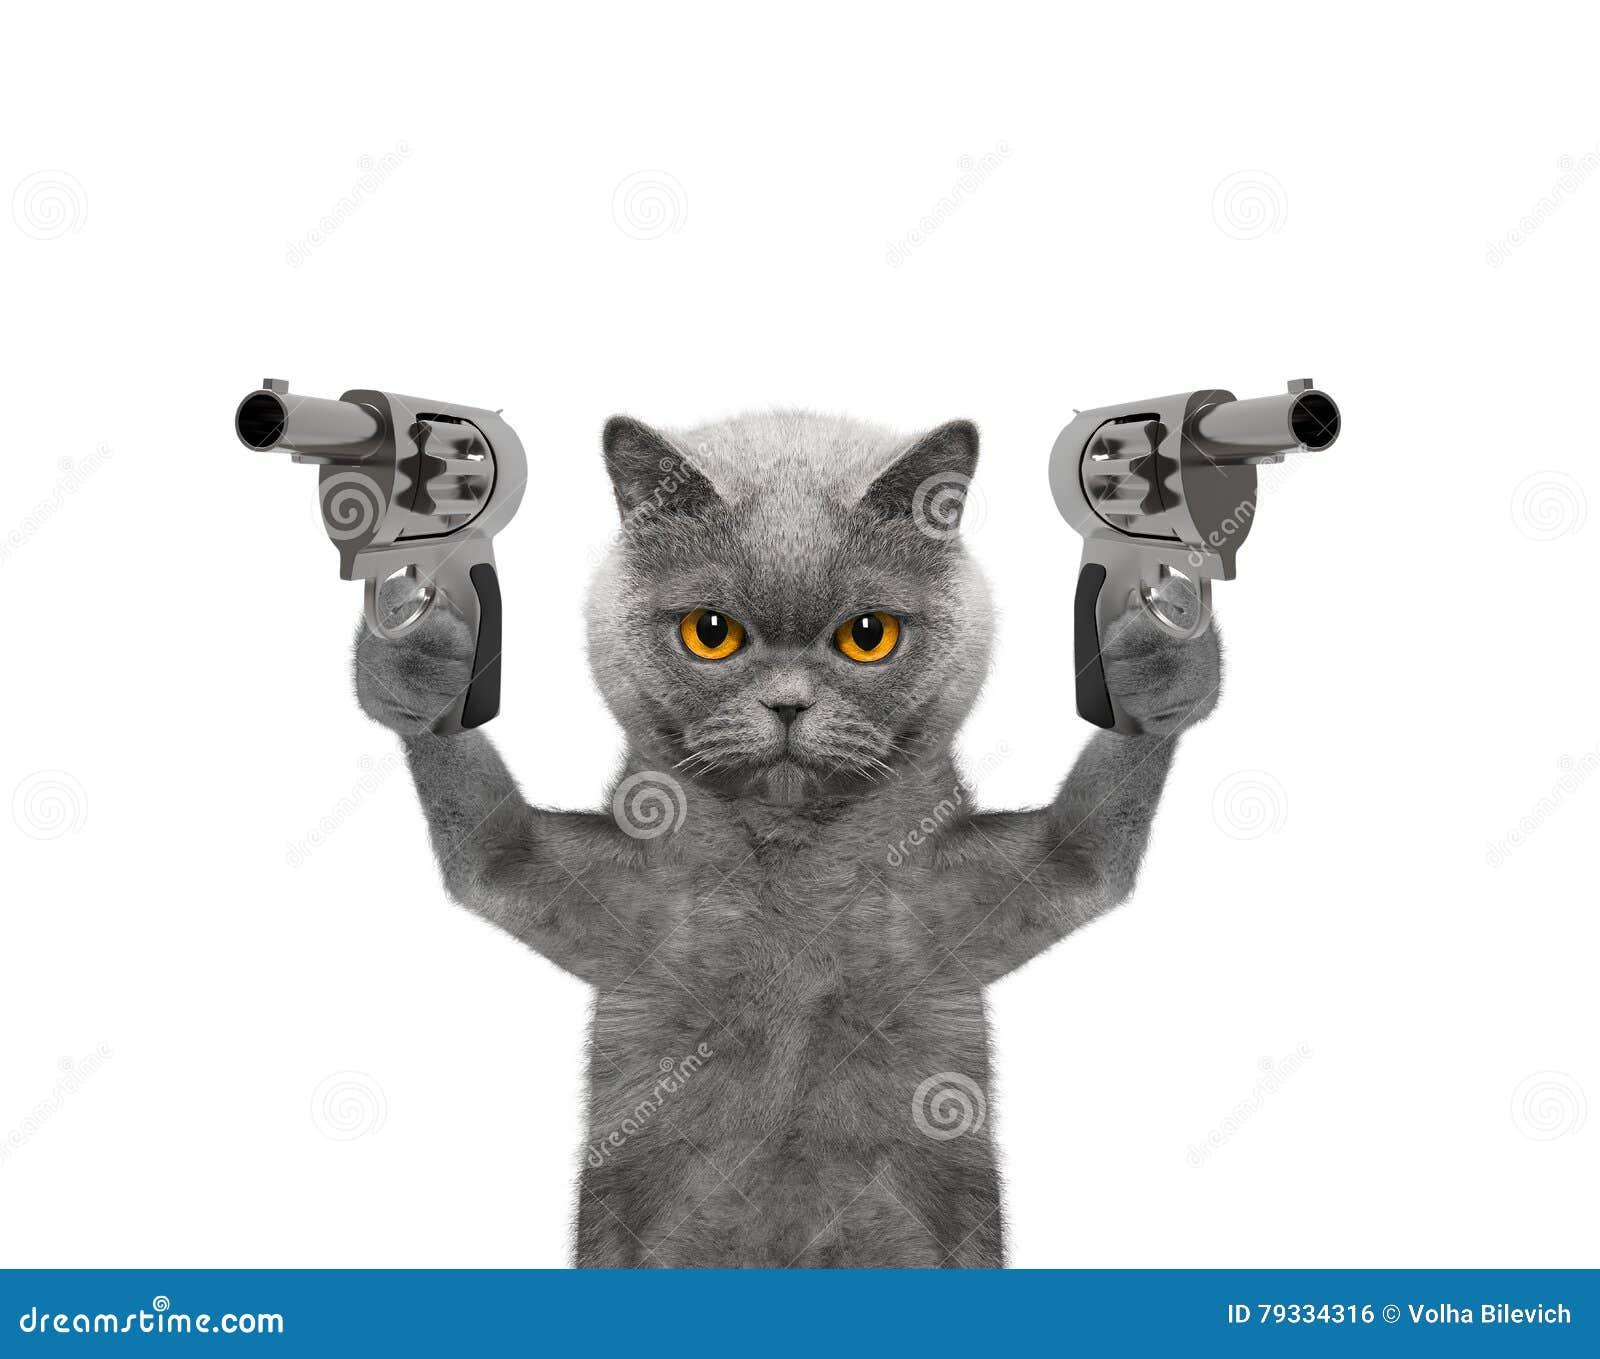 Katten med vapen är mördaren